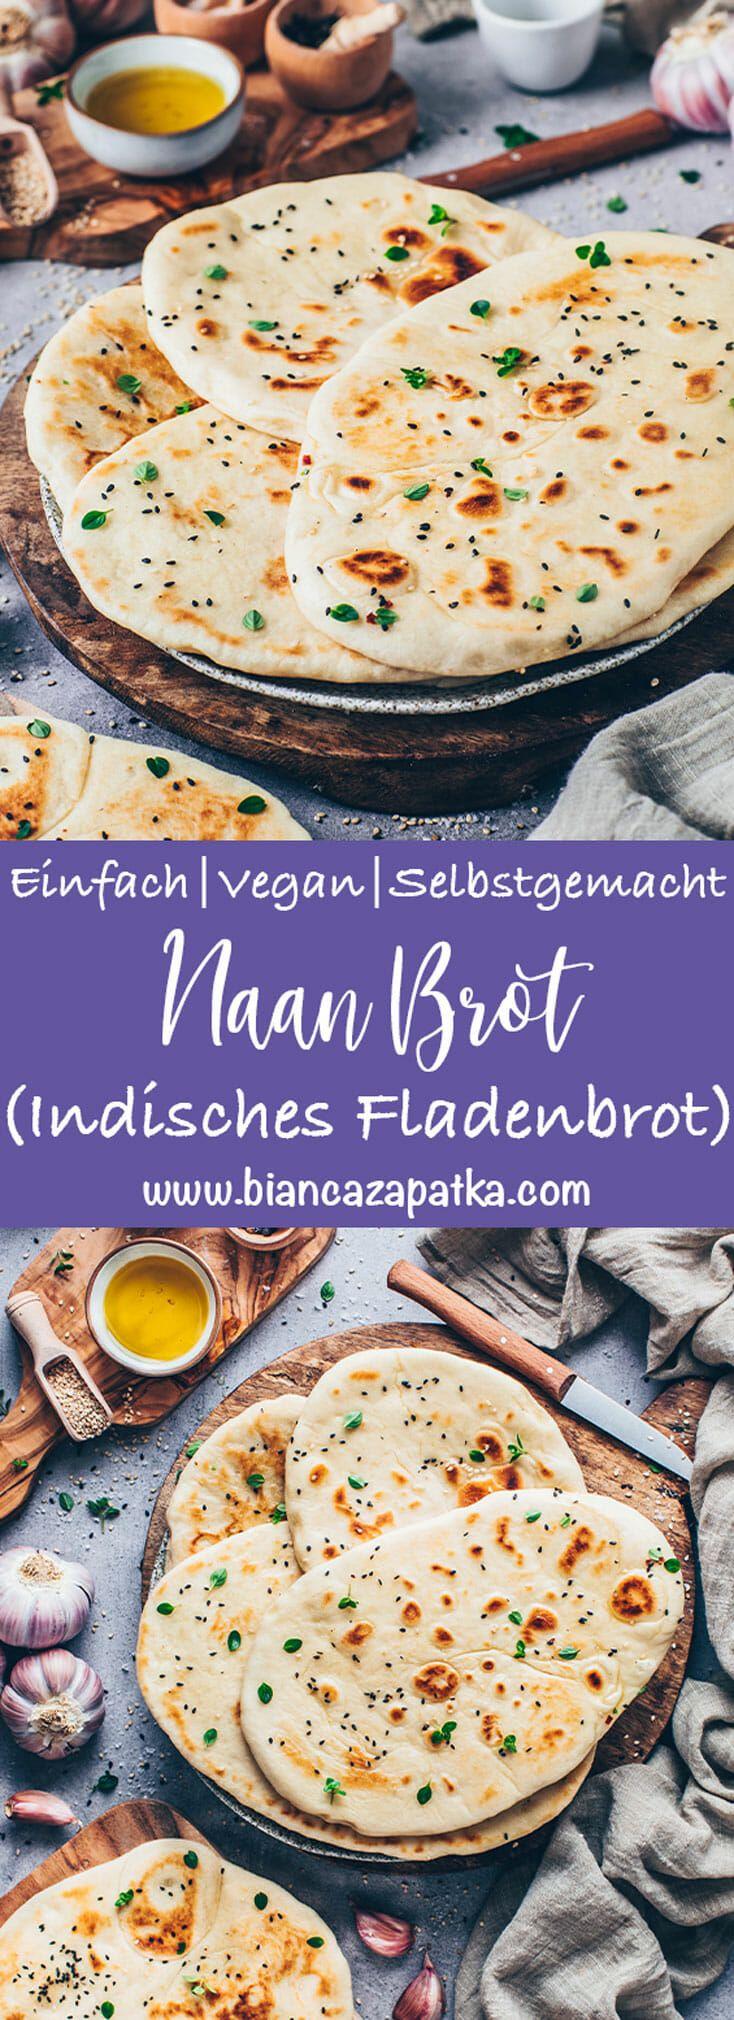 Veganes Naan Brot | Einfaches Indisches Fladenbrot - Bianca Zapatka | Rezepte